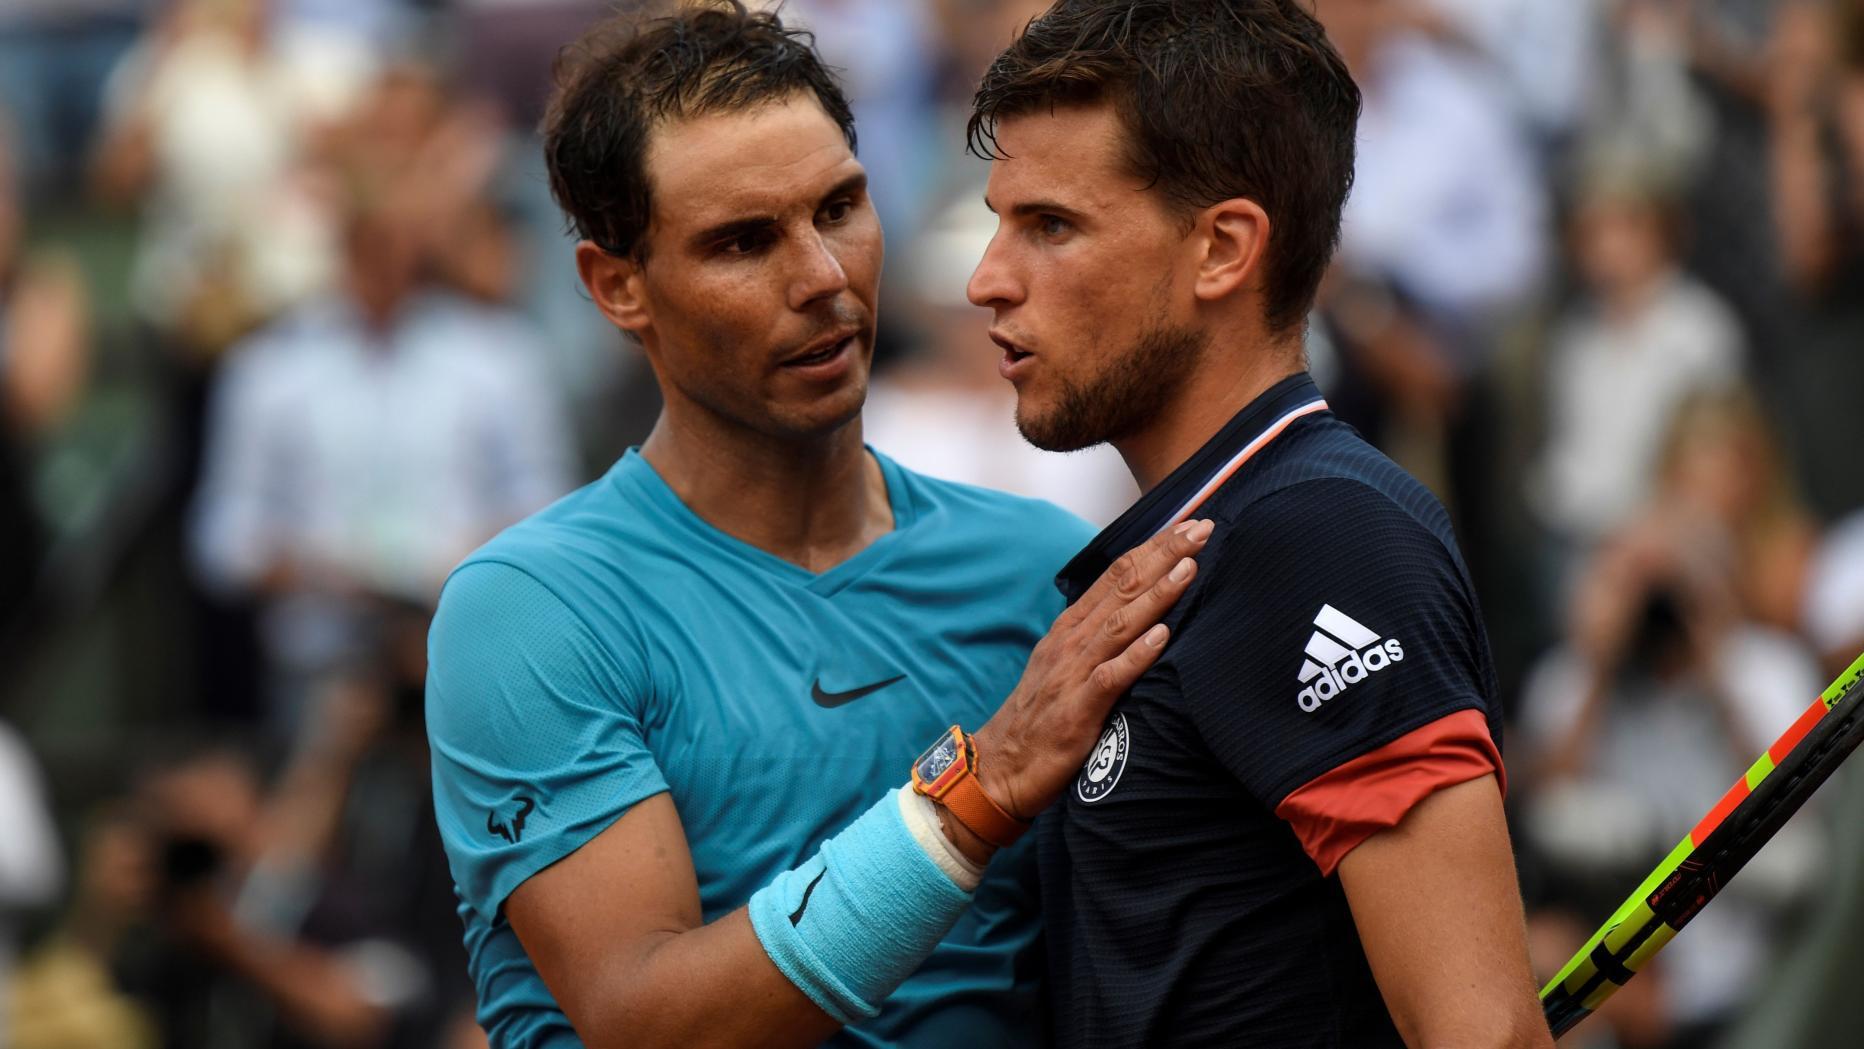 US-Open-Viertelfinale: Was für Thiem spricht, was für Nadal | kurier.at